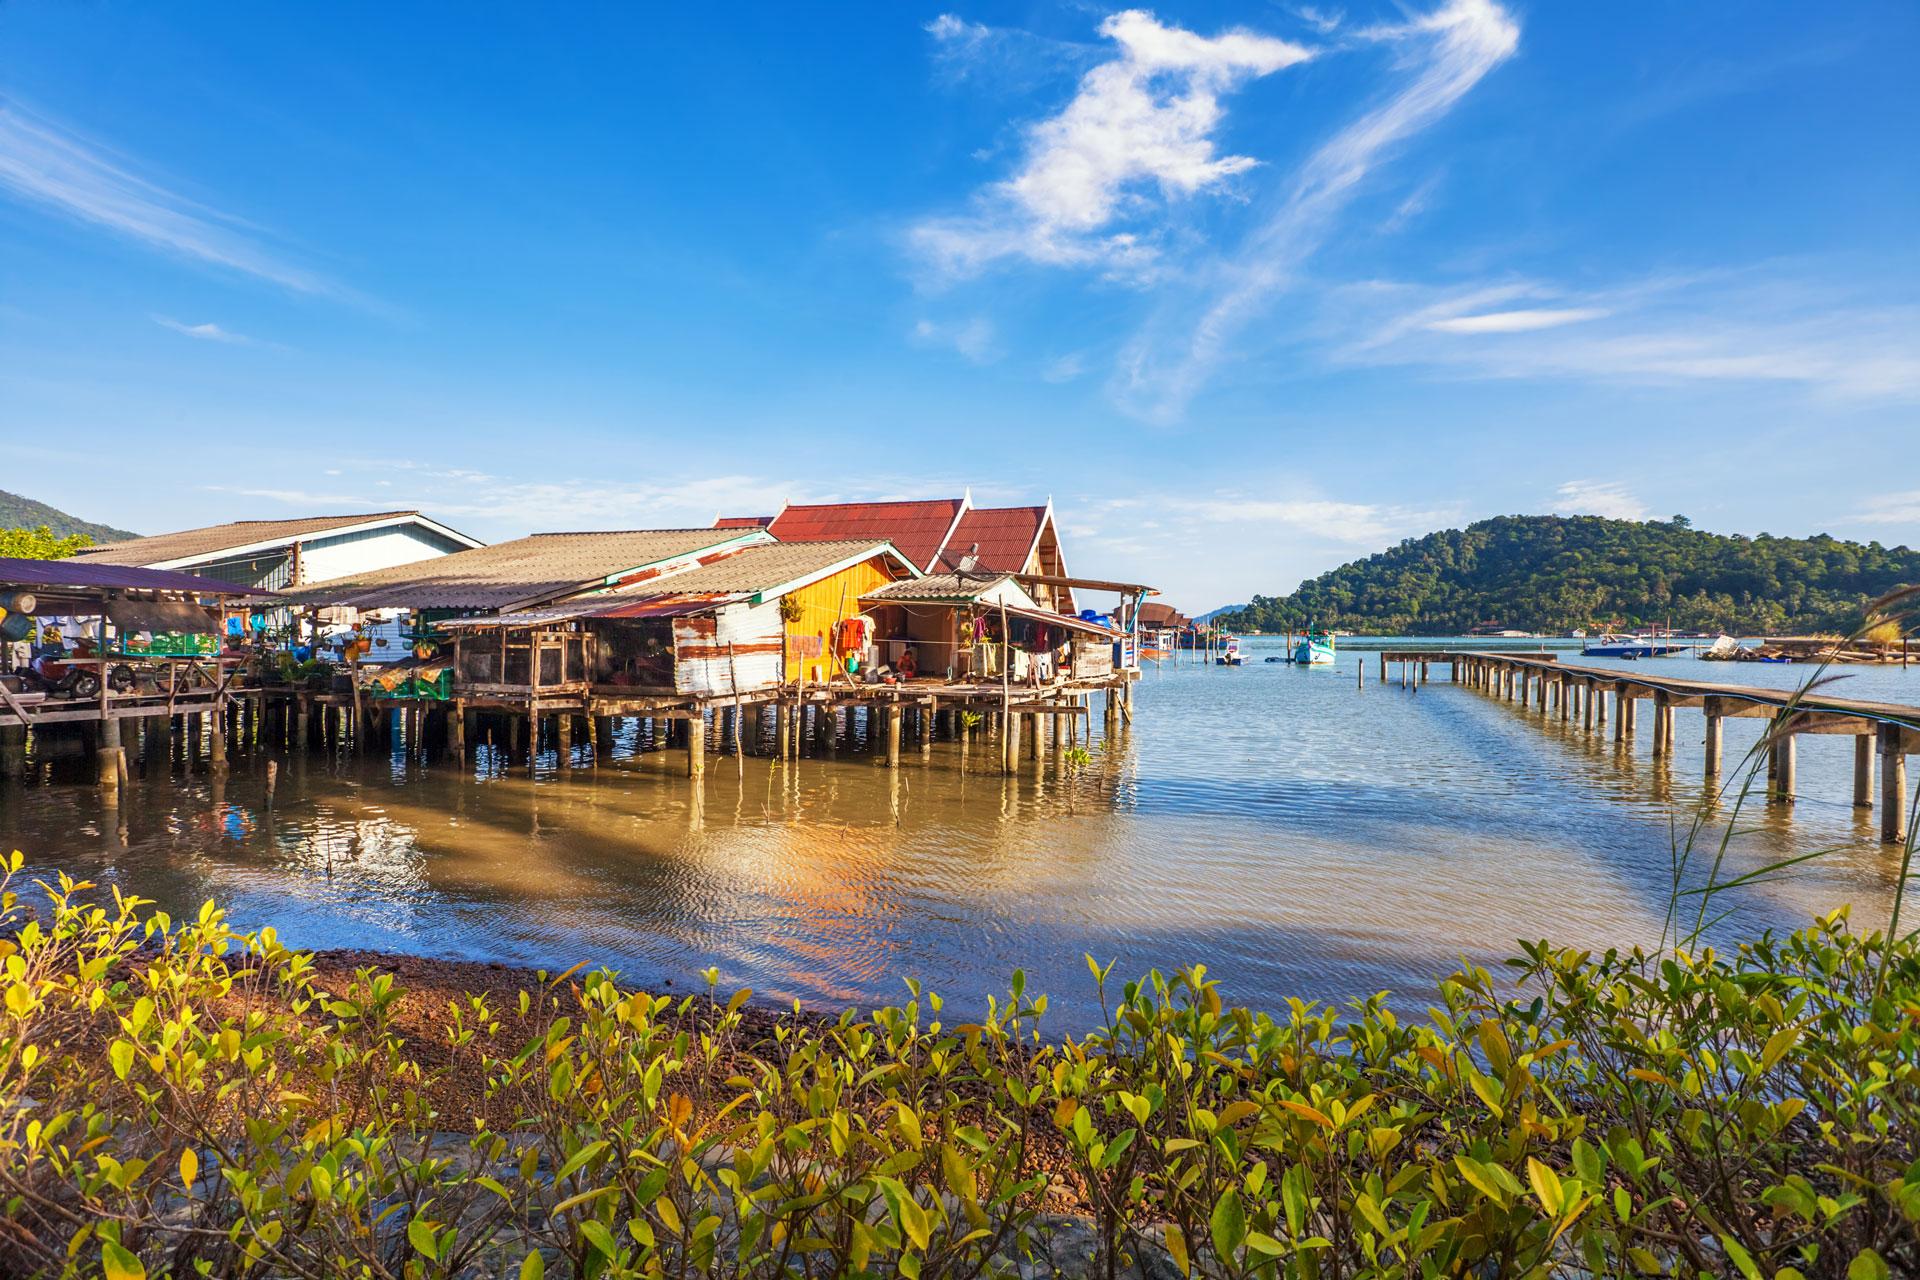 Hình ảnh hồ Tonle Sap chiều bình yên tại Siem Reap